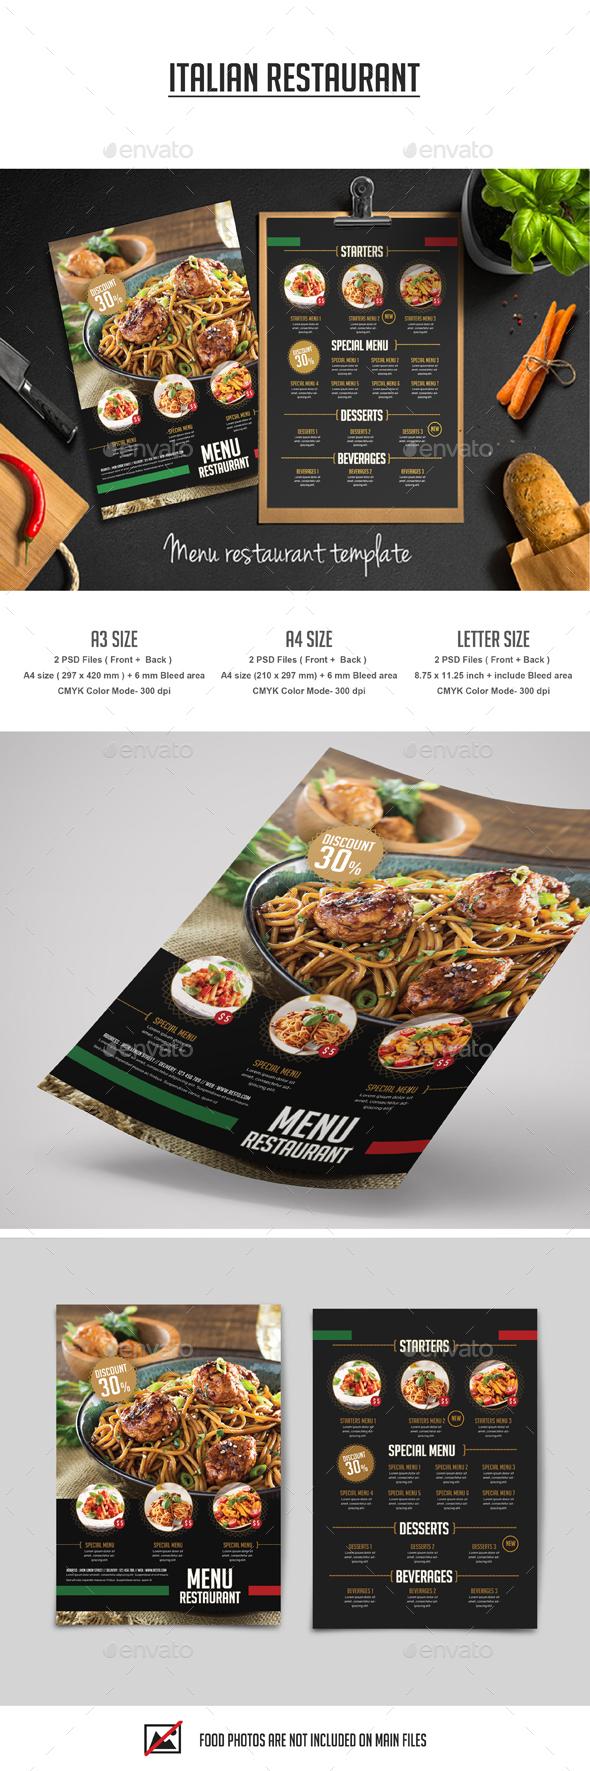 Italian Restaurant Flyer Template PSD. Download here: https://graphicriver.net/item/italian-restaurant-flyer/17548569?ref=ksioks